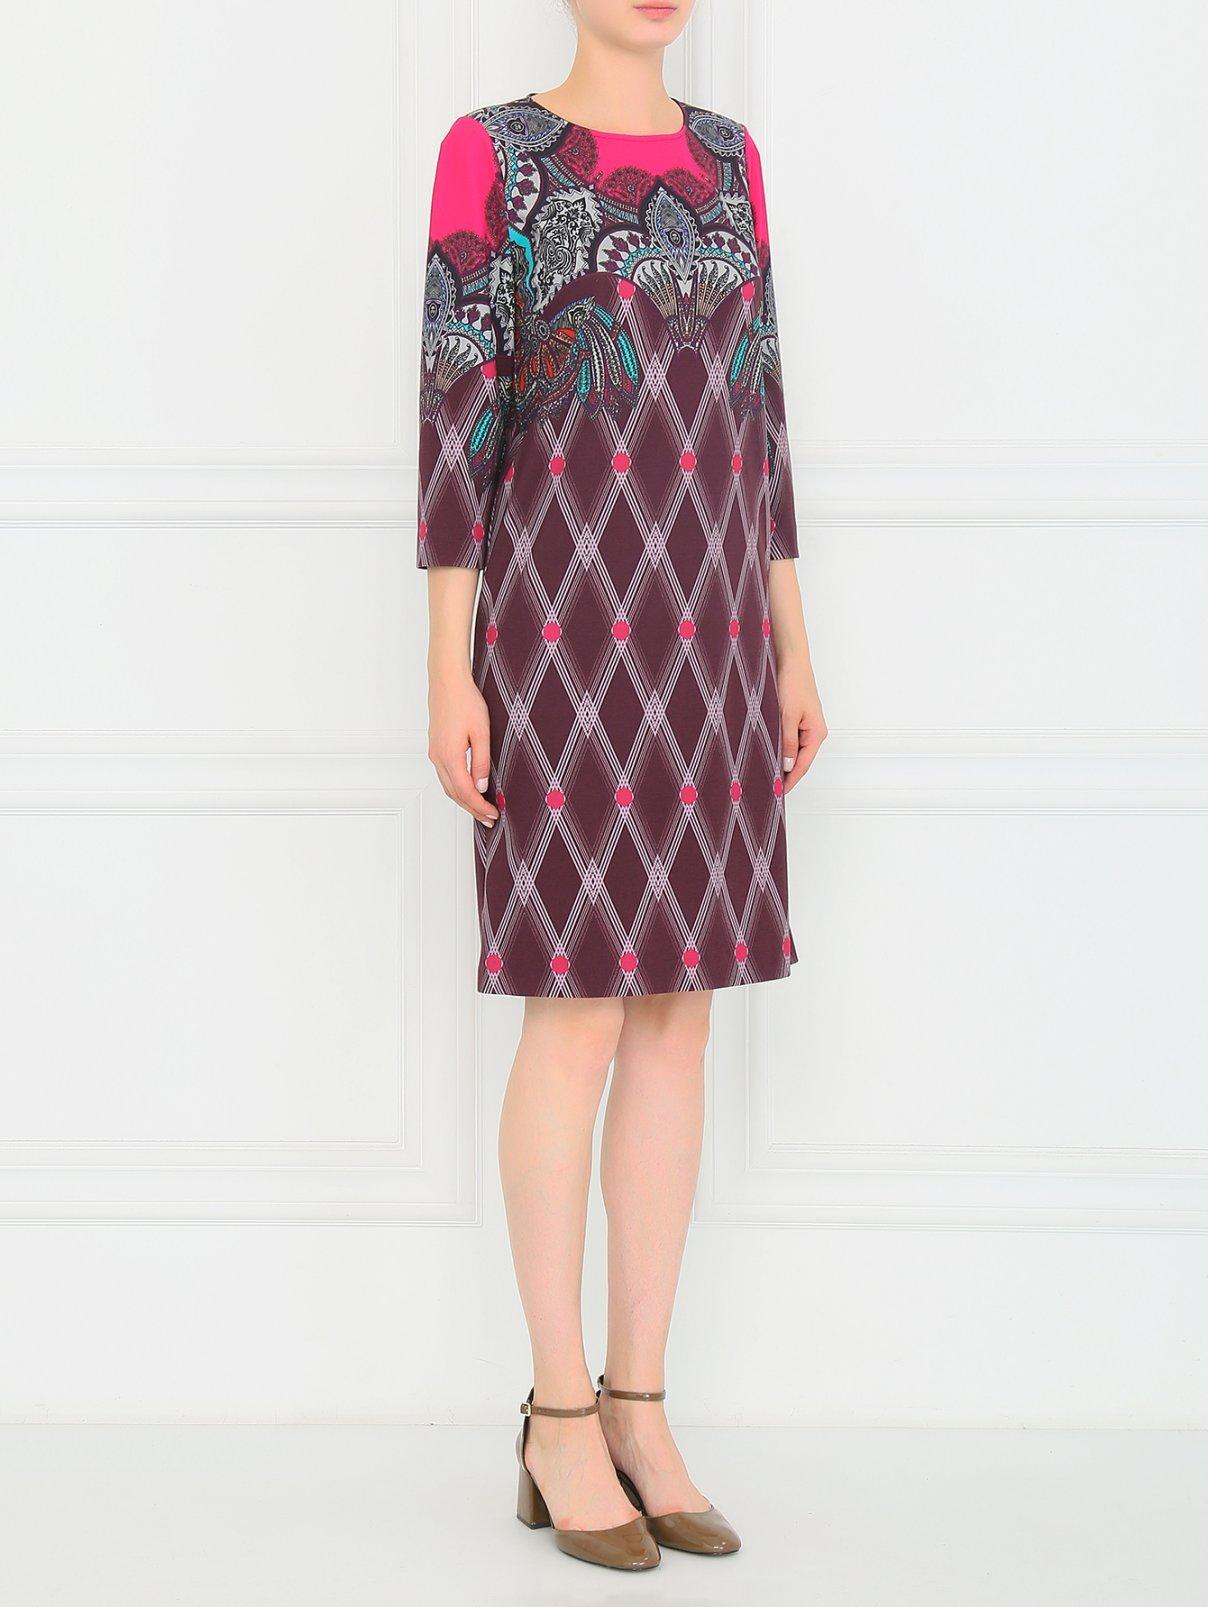 Платье-джерси с абстрактным узором Etro  –  Модель Общий вид